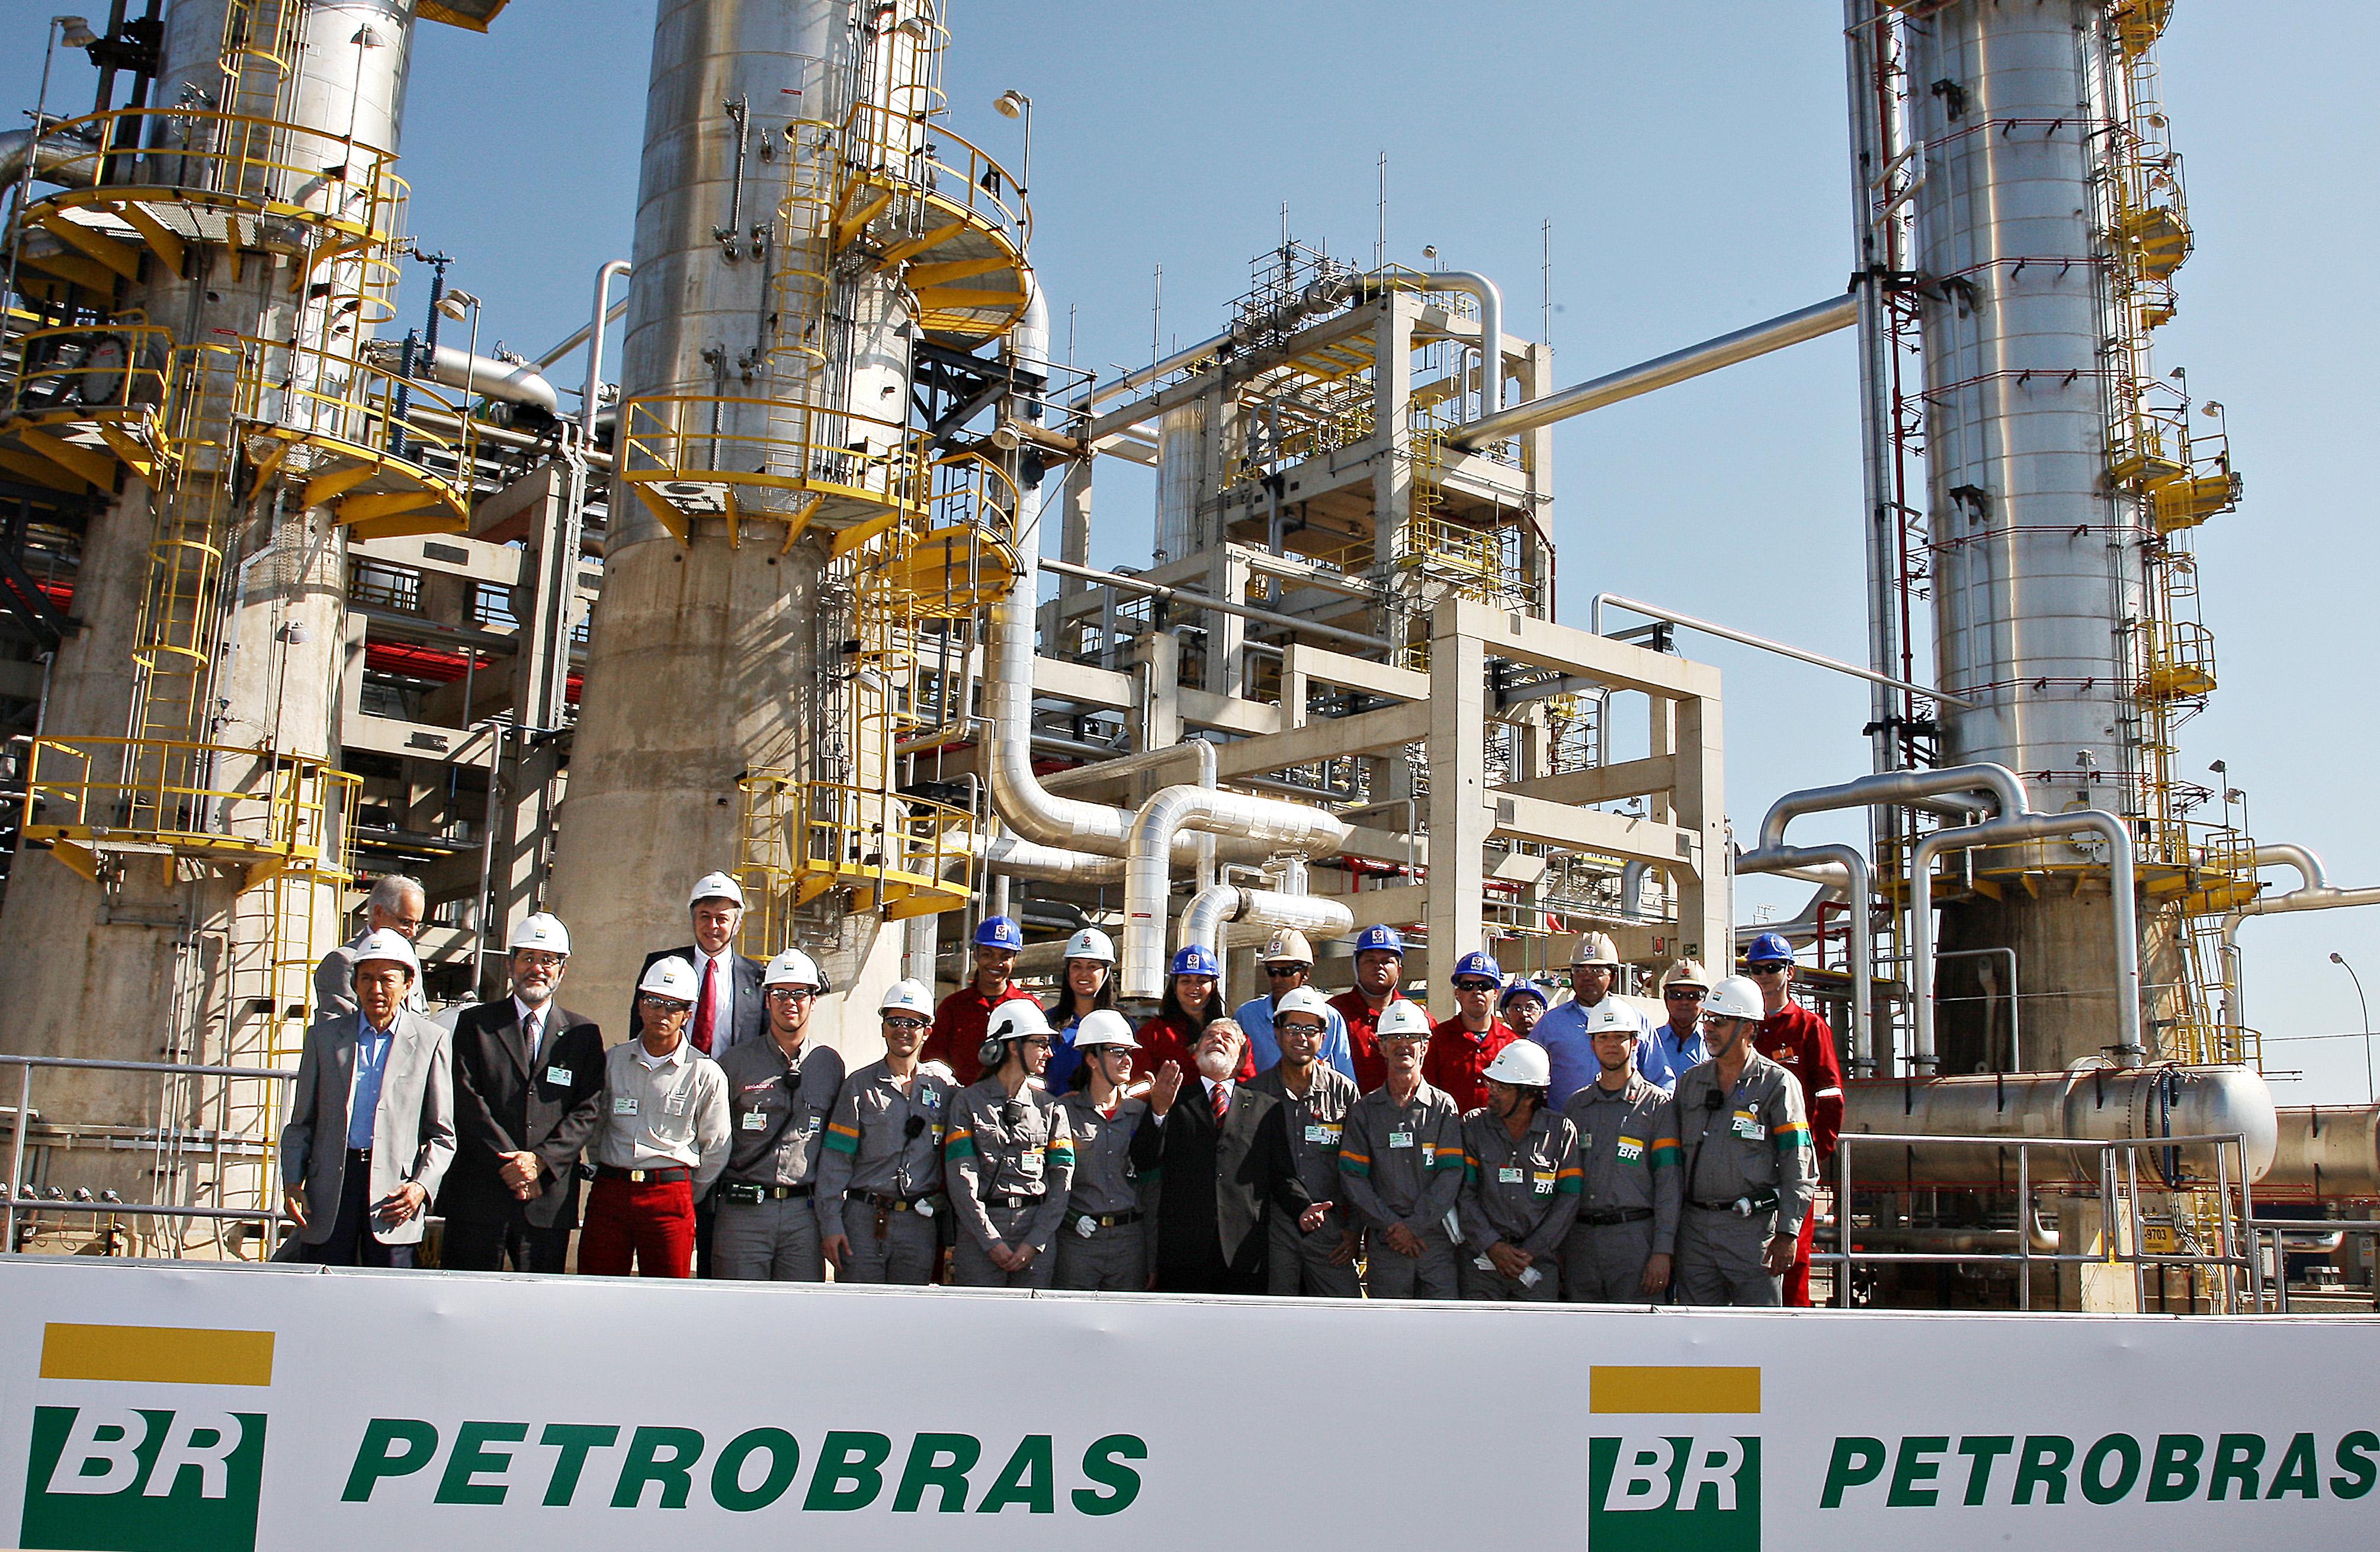 Lula petrobras bndes radio corredor - No topo da Lista do BNDES, Petrobras dá resposta